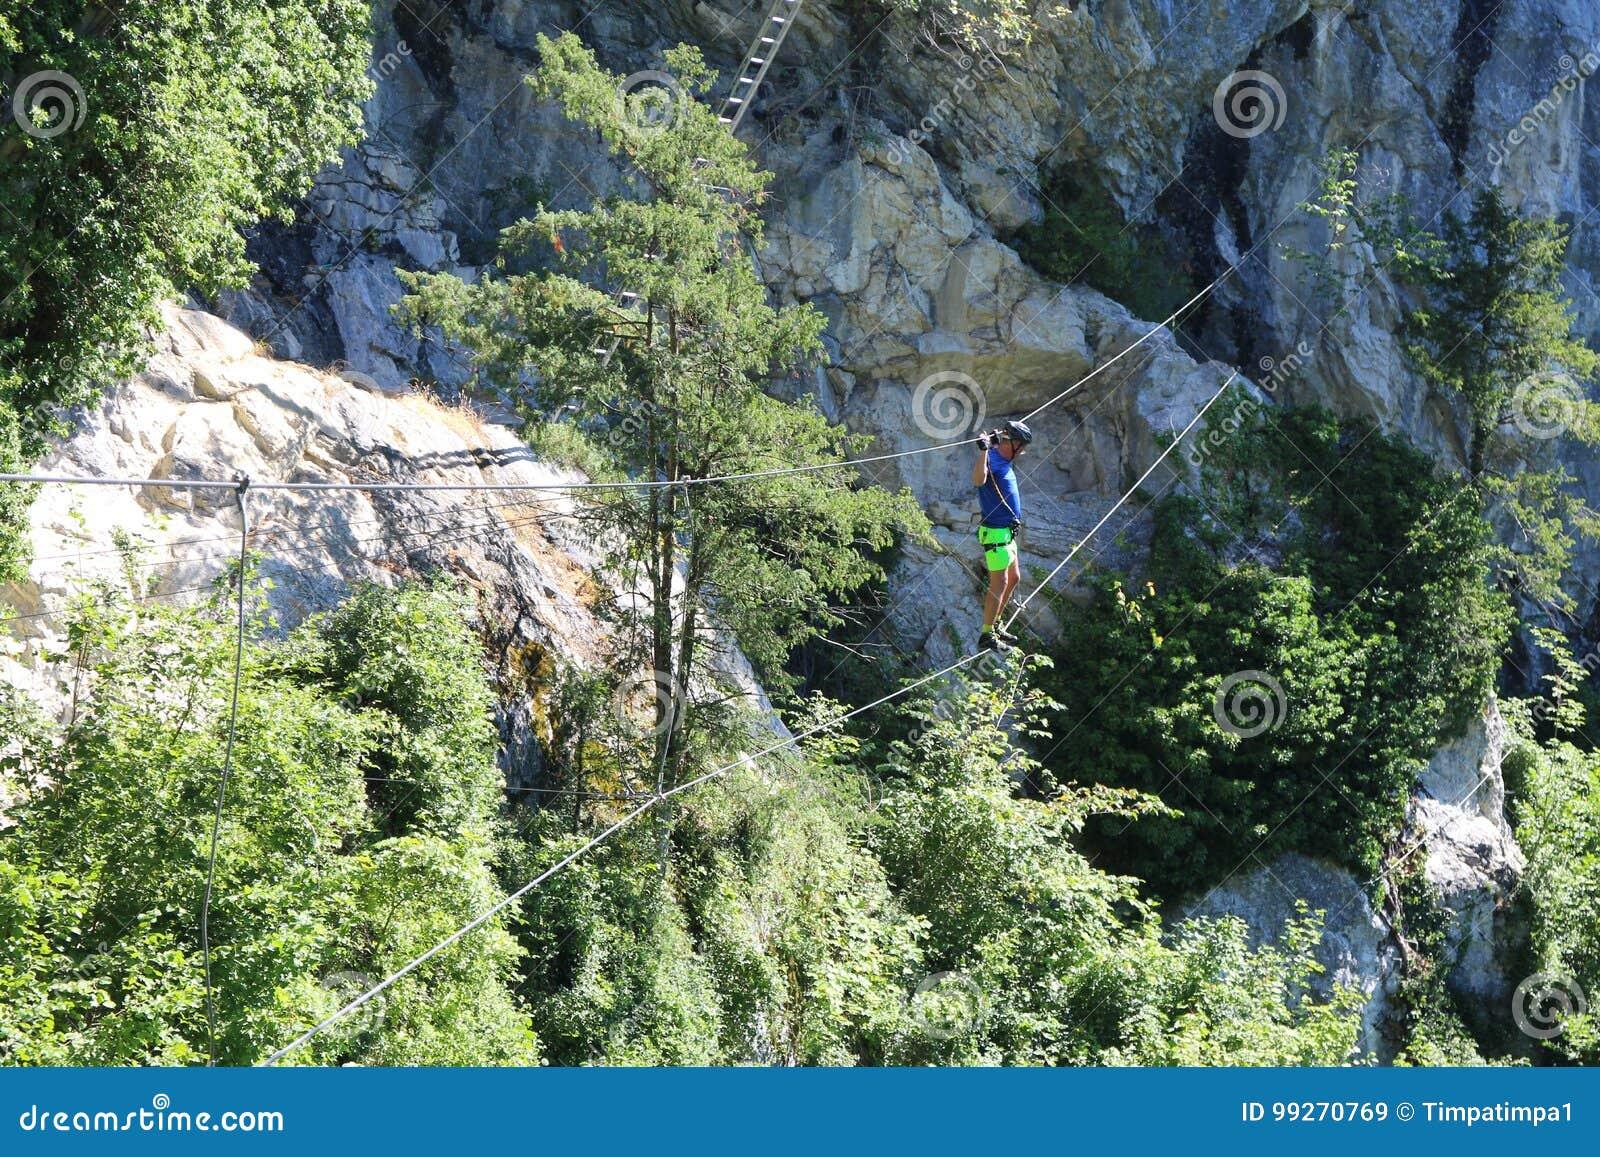 Klettersteig Austria Map : Stuibenfall klettersteig b c Ötztal umhausen klettersteige